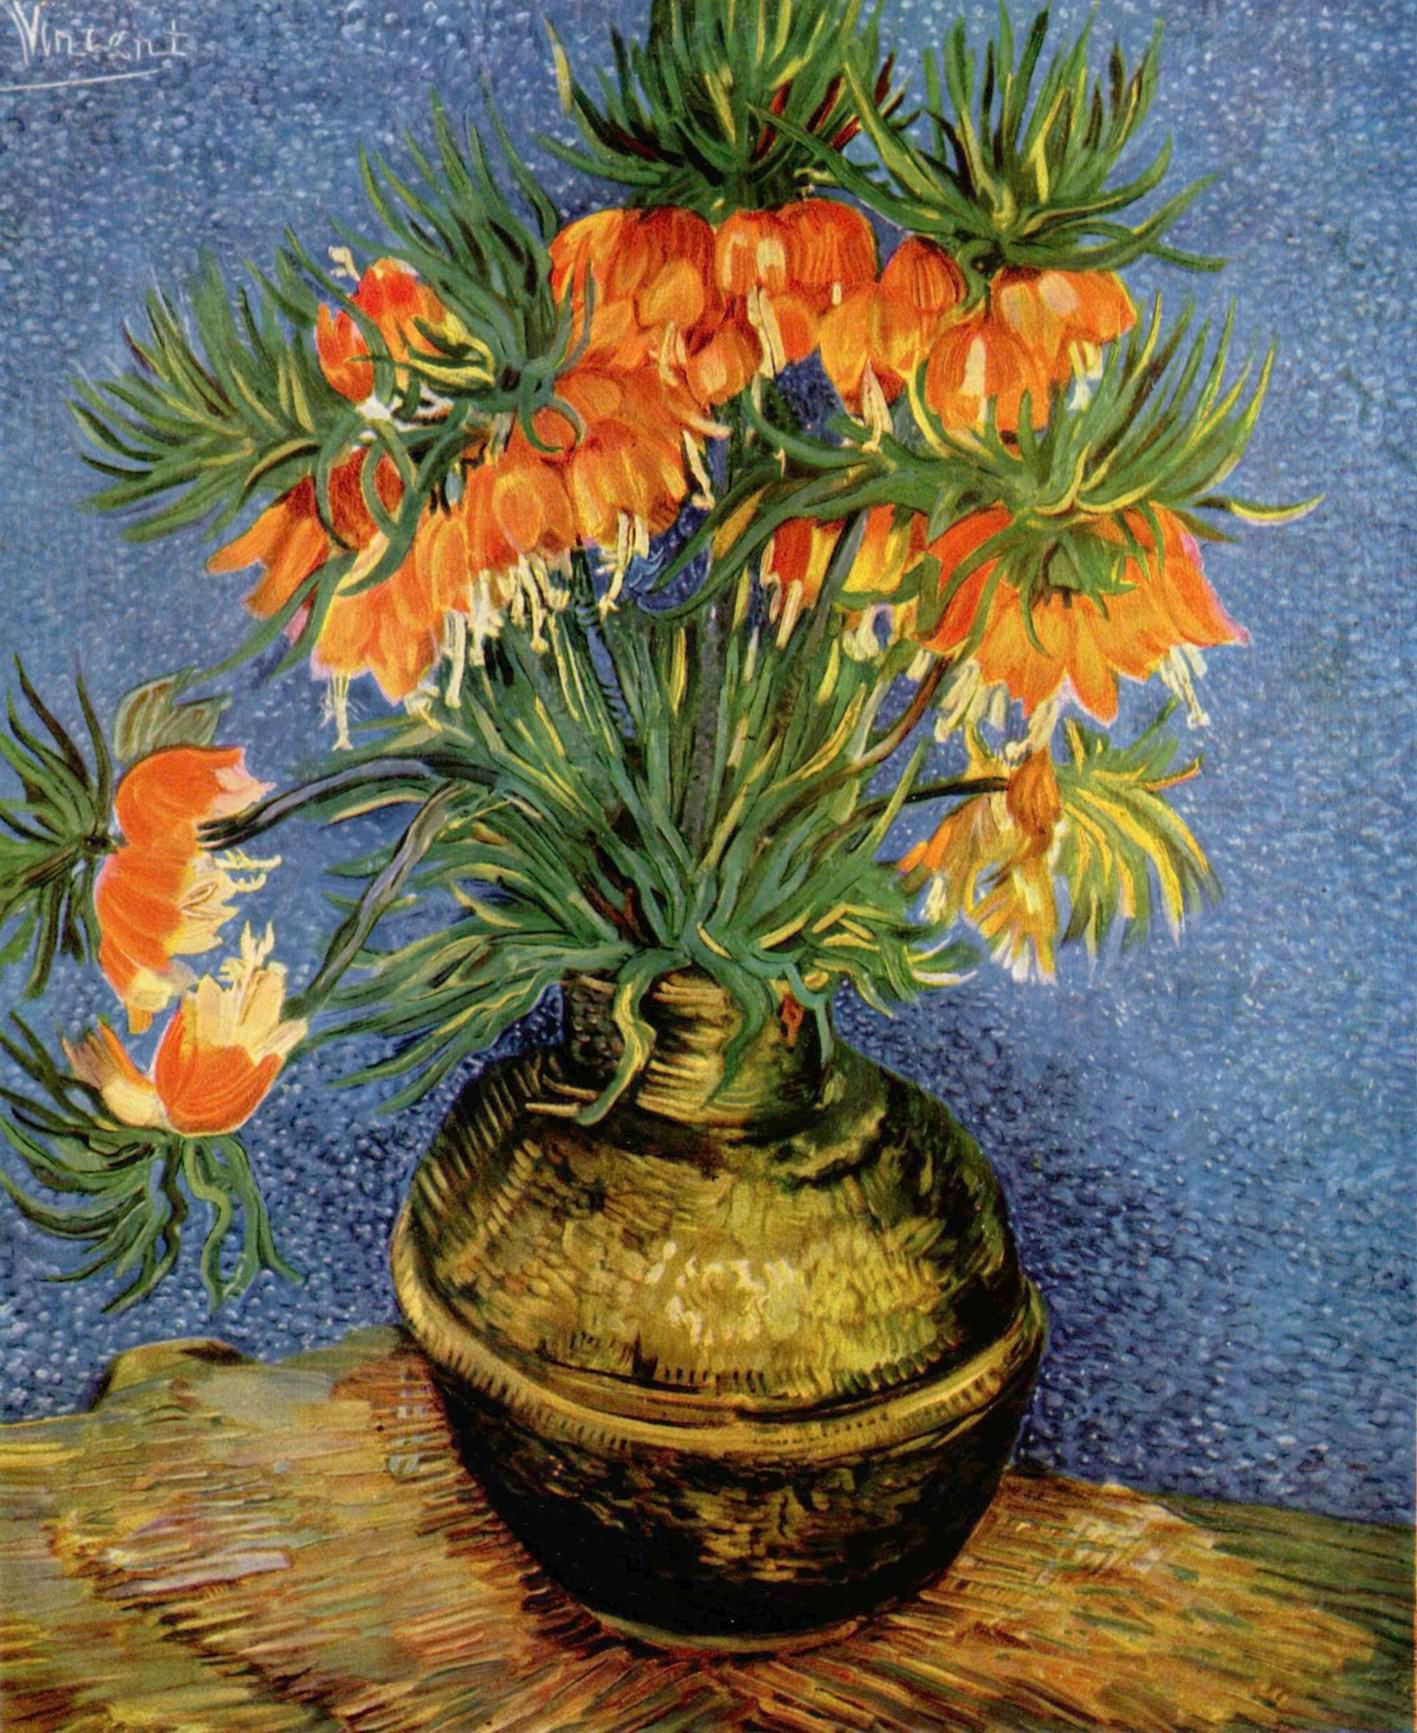 Натюрморт с цветами в бронзовой вазе, Ван Гог Винсент Виллем